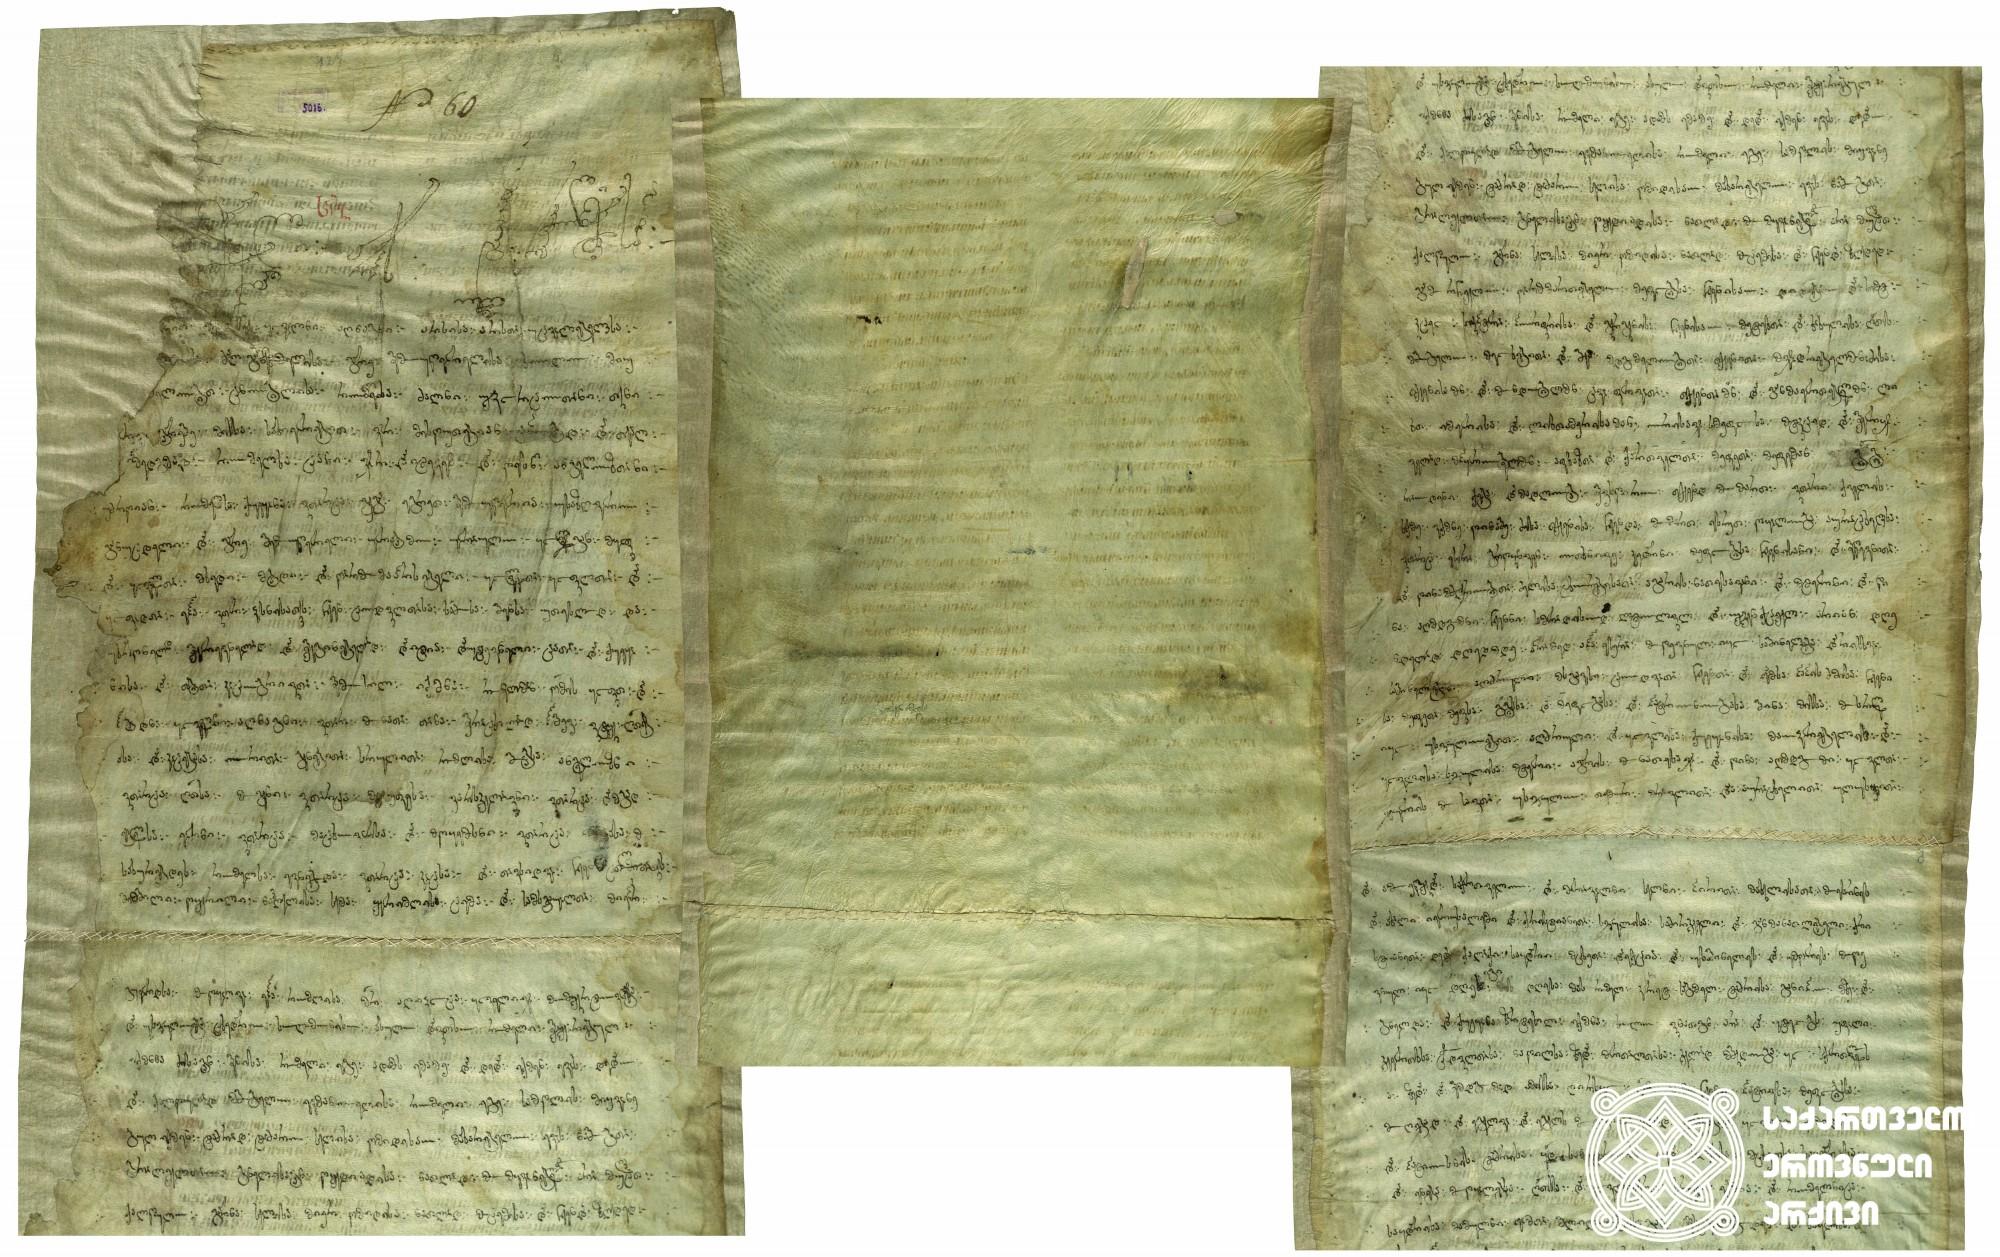 1447 წლის 25 დეკემბერი. შეუვალობის სიგელი  მეფე გიორგი VIII-ისა სვეტიცხოვლისადმი <br> 25 December, 1447. Immunity Charter  of the King George VIII to Svetitskhoveli